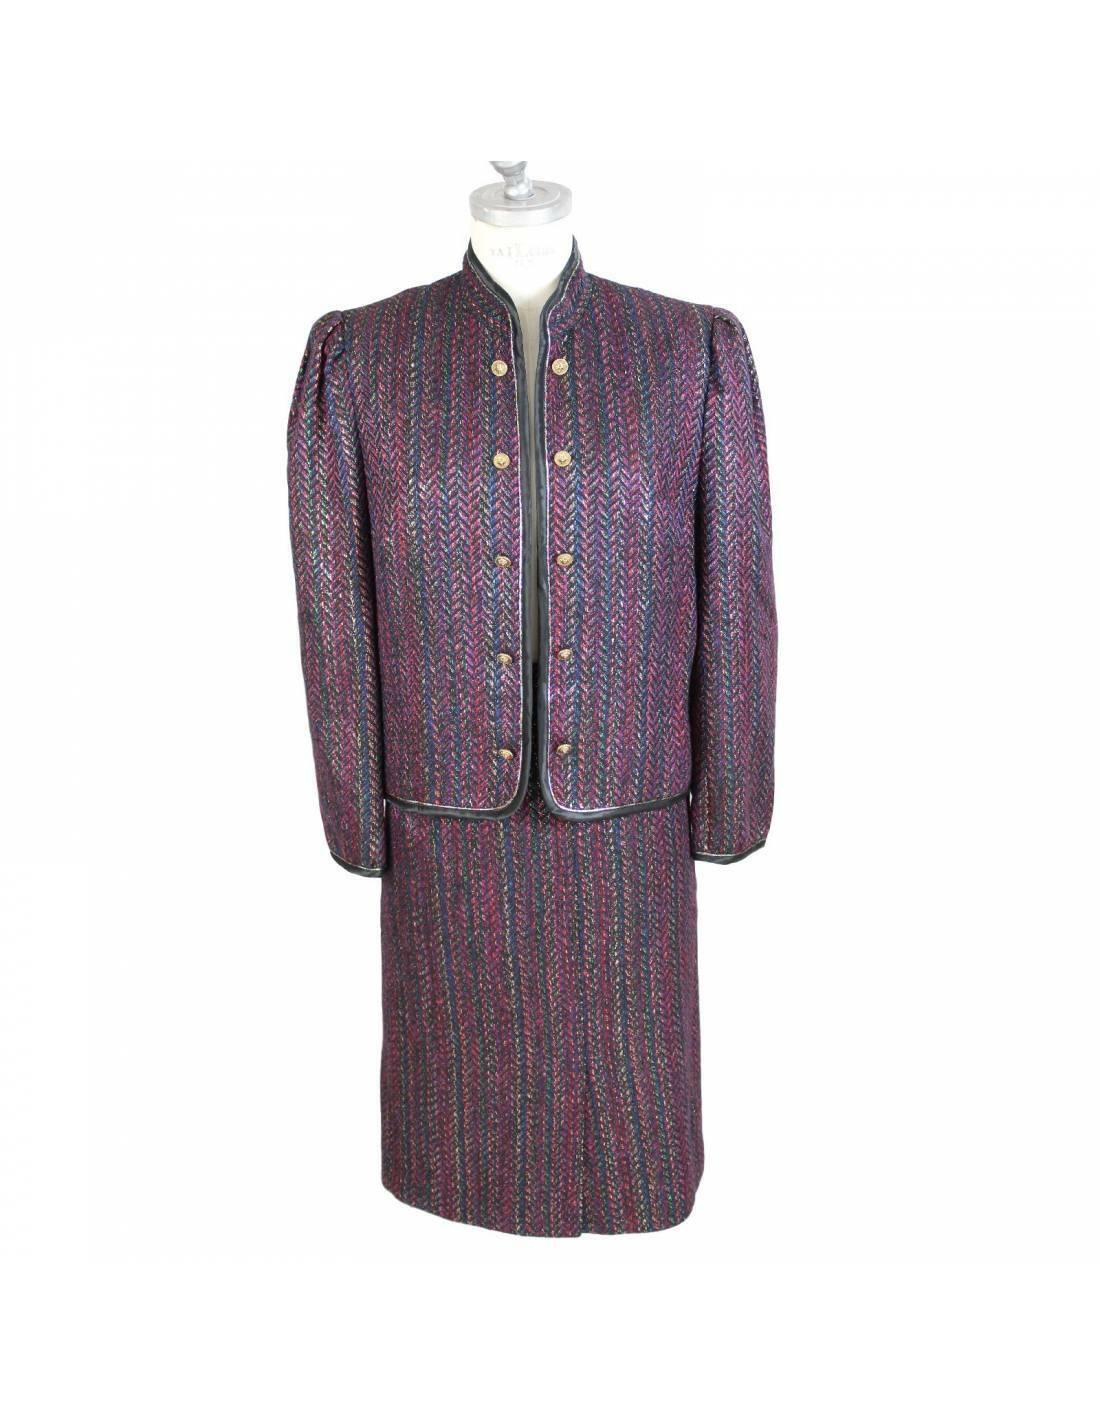 Jenuesse Kleid Komplett Rock Wolle Jacke Vintage Violett